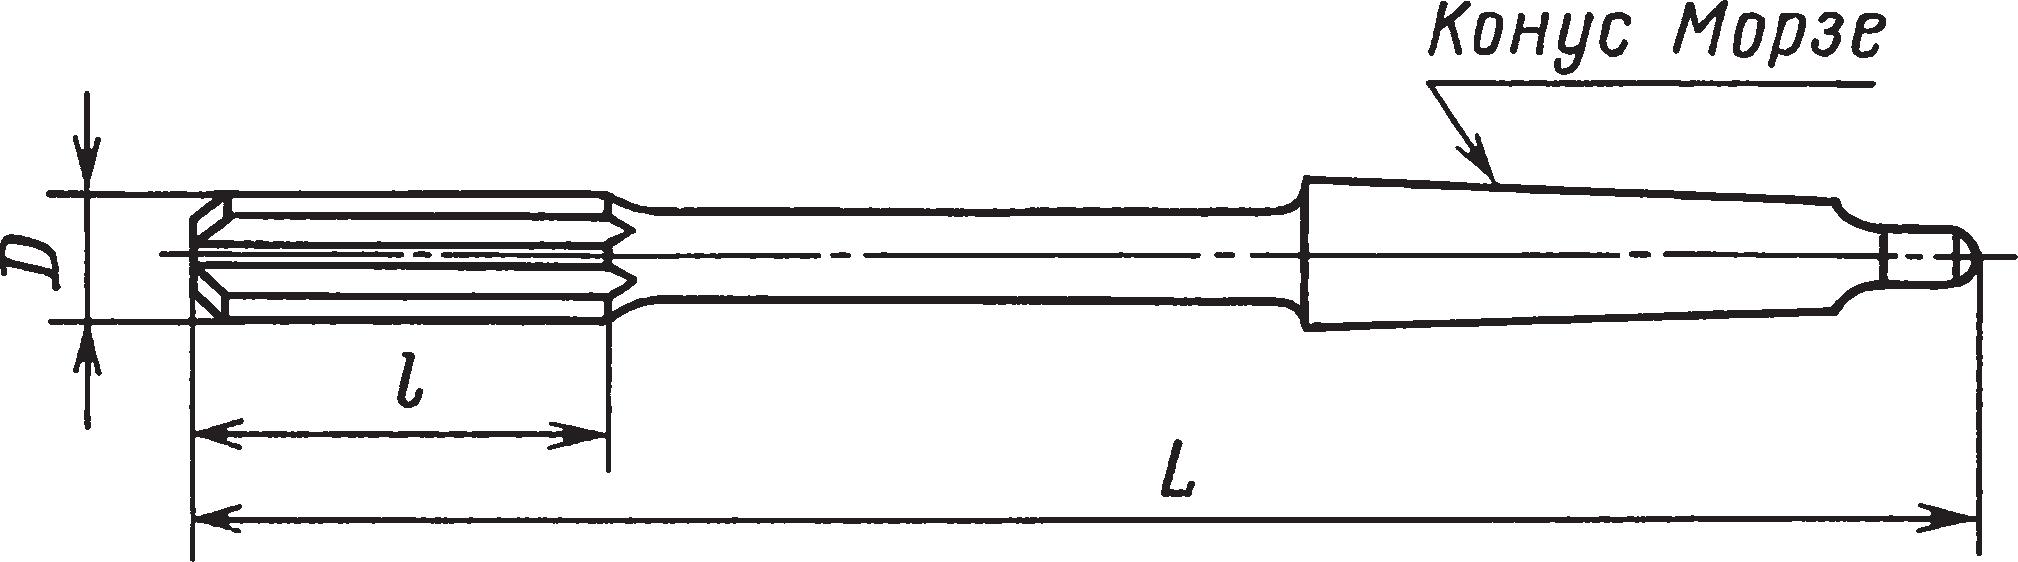 Машинные цельные развертки с коническим хвостовиком — тип 2 (ГОСТ 1672–80)